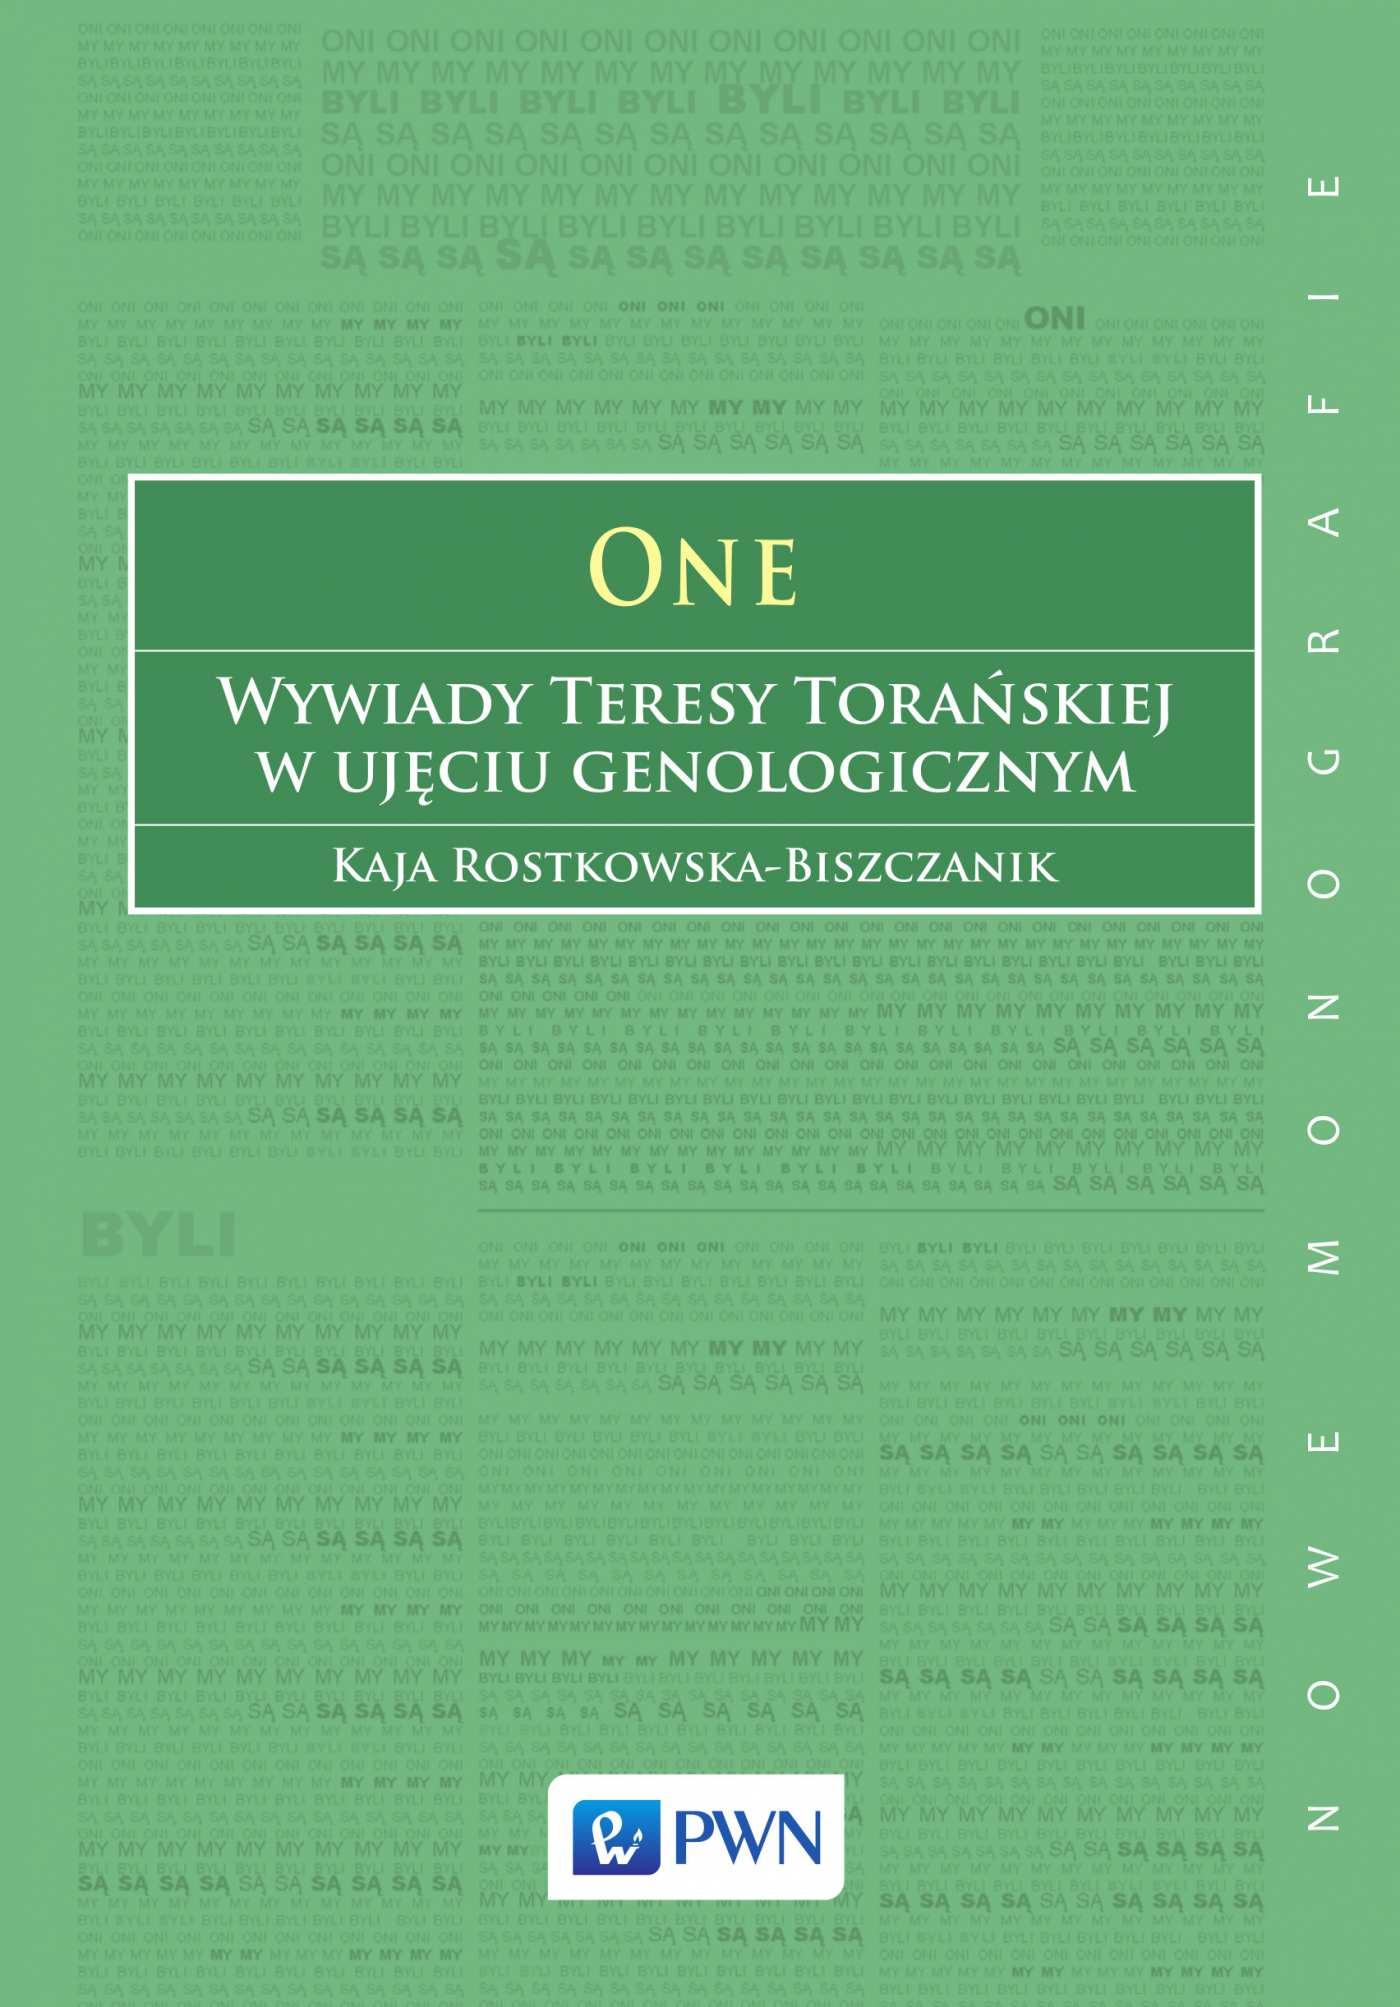 ONE. Wywiady Teresy Torańskiej w ujęciu genologoicznym - Ebook (Książka na Kindle) do pobrania w formacie MOBI